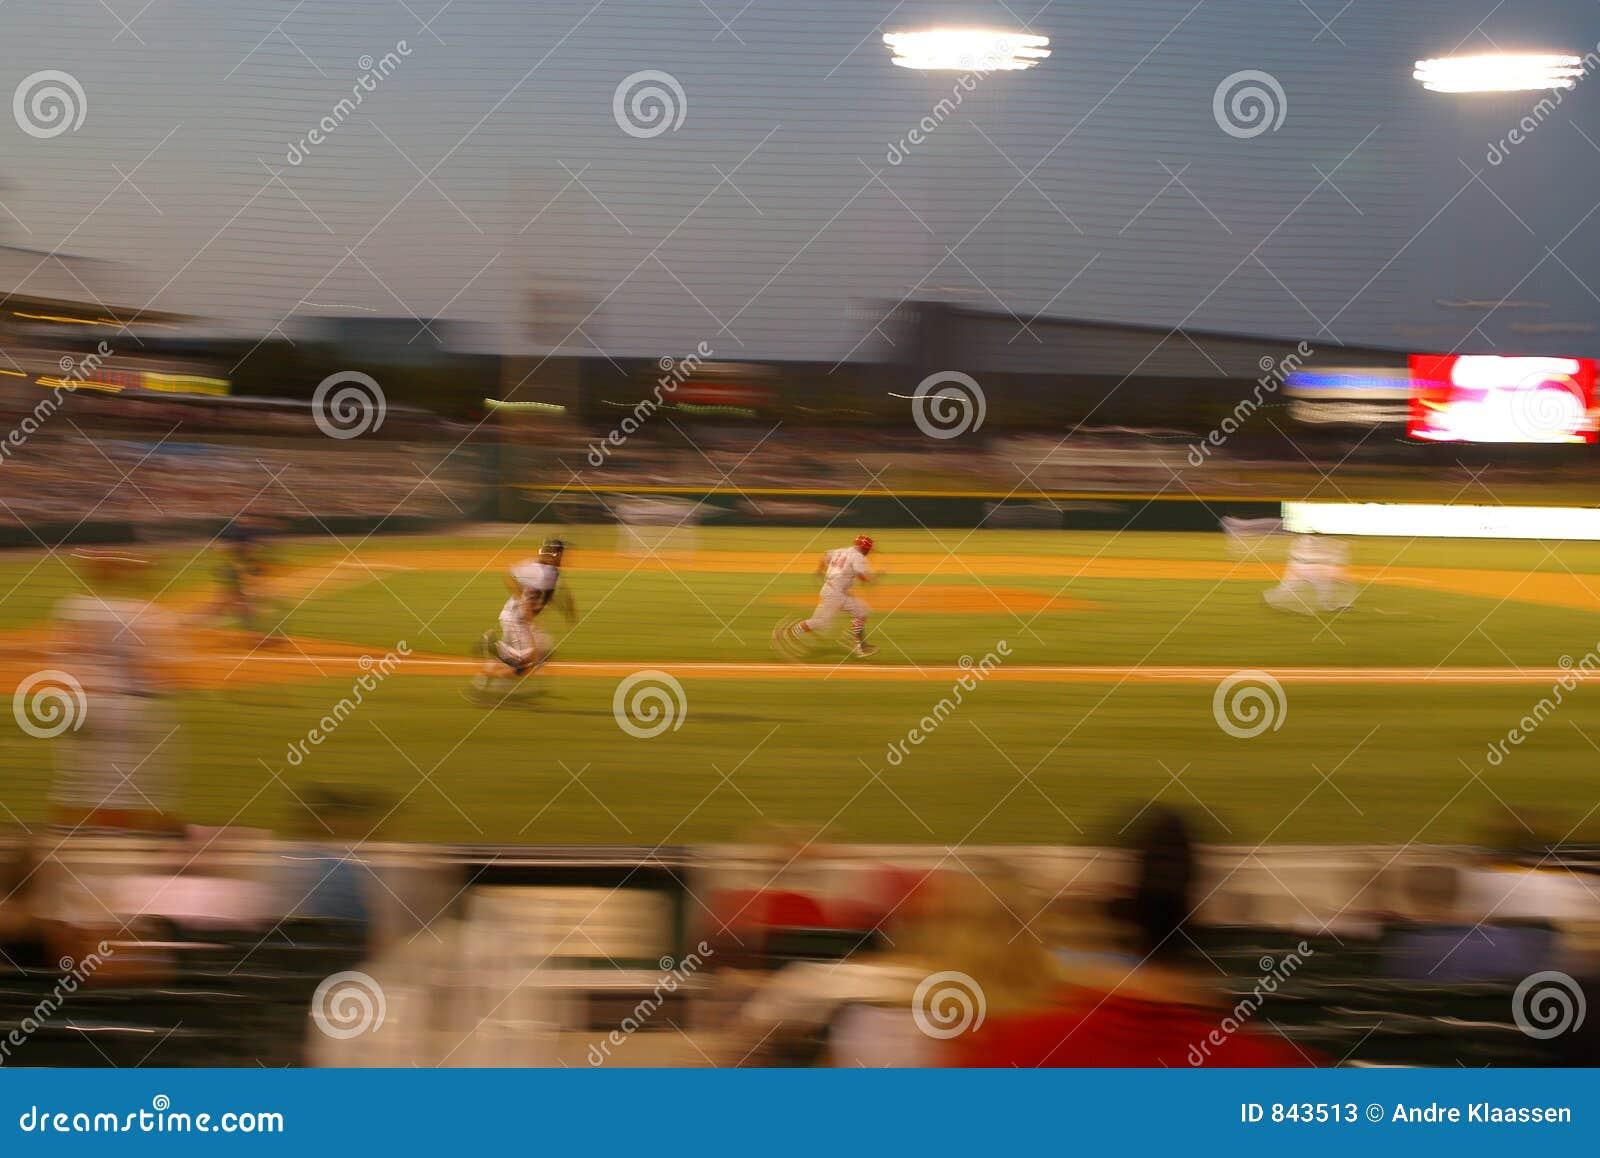 Borrão do corredor do basebol